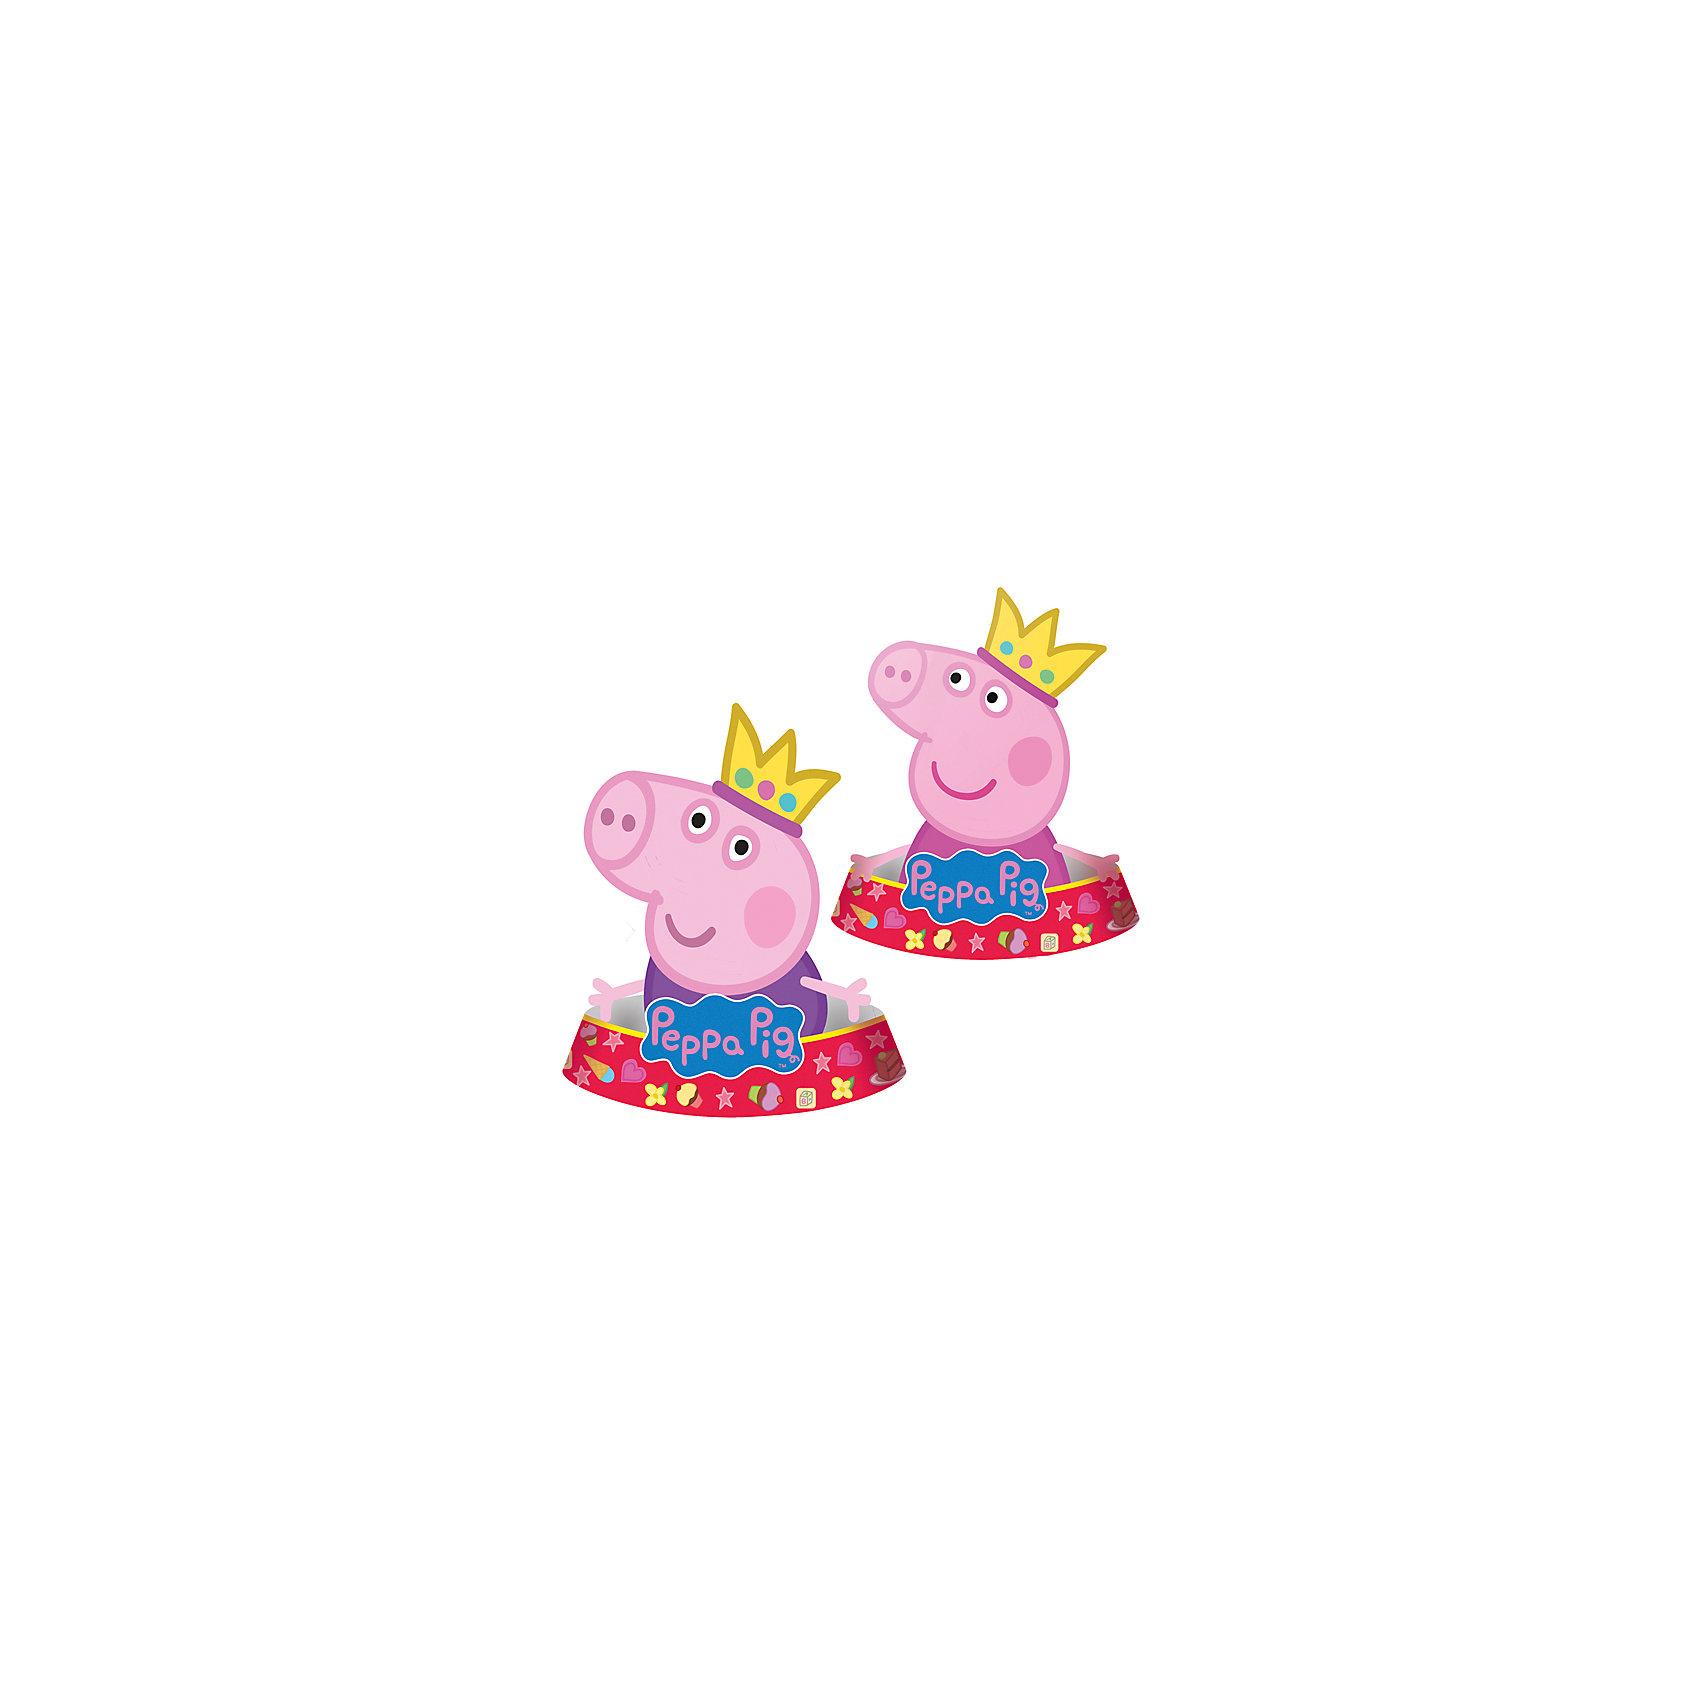 Фигурный колпак Пеппа-принцесса, 6 шт (2 дизайна)Фигурный колпак Пеппа-принцесса, 6 шт (2 дизайна) – этот набор колпачков станет замечательным дополнением любого детского праздника.<br>Яркие фигурные колпаки «Пеппа-принцесса» создадут атмосферу незабываемого праздника и поднимут настроение всем участникам торжества Забавные колпачки в виде Свинки Пеппы и Джорджа приведут в восторг любого ребенка! Из данной серии вы также можете выбрать скатерть, стаканы, тарелки, язычки, дудочки, подарочный набор посуды, приглашение в конверте, гирлянду, свечи, маску и другие товары.<br><br>Дополнительная информация:<br><br>- В наборе: 6 фигурных колпаков (в виде Пеппы 3 шт, в виде Джорджа 3 шт)<br>- Материал: бумага<br>- Размер упаковки: 10 х 15 х 3 см.<br><br>Фигурный колпак Пеппа-принцесса, 6 шт (2 дизайна) можно купить в нашем интернет-магазине.<br><br>Ширина мм: 100<br>Глубина мм: 150<br>Высота мм: 30<br>Вес г: 80<br>Возраст от месяцев: 36<br>Возраст до месяцев: 84<br>Пол: Унисекс<br>Возраст: Детский<br>SKU: 4278402